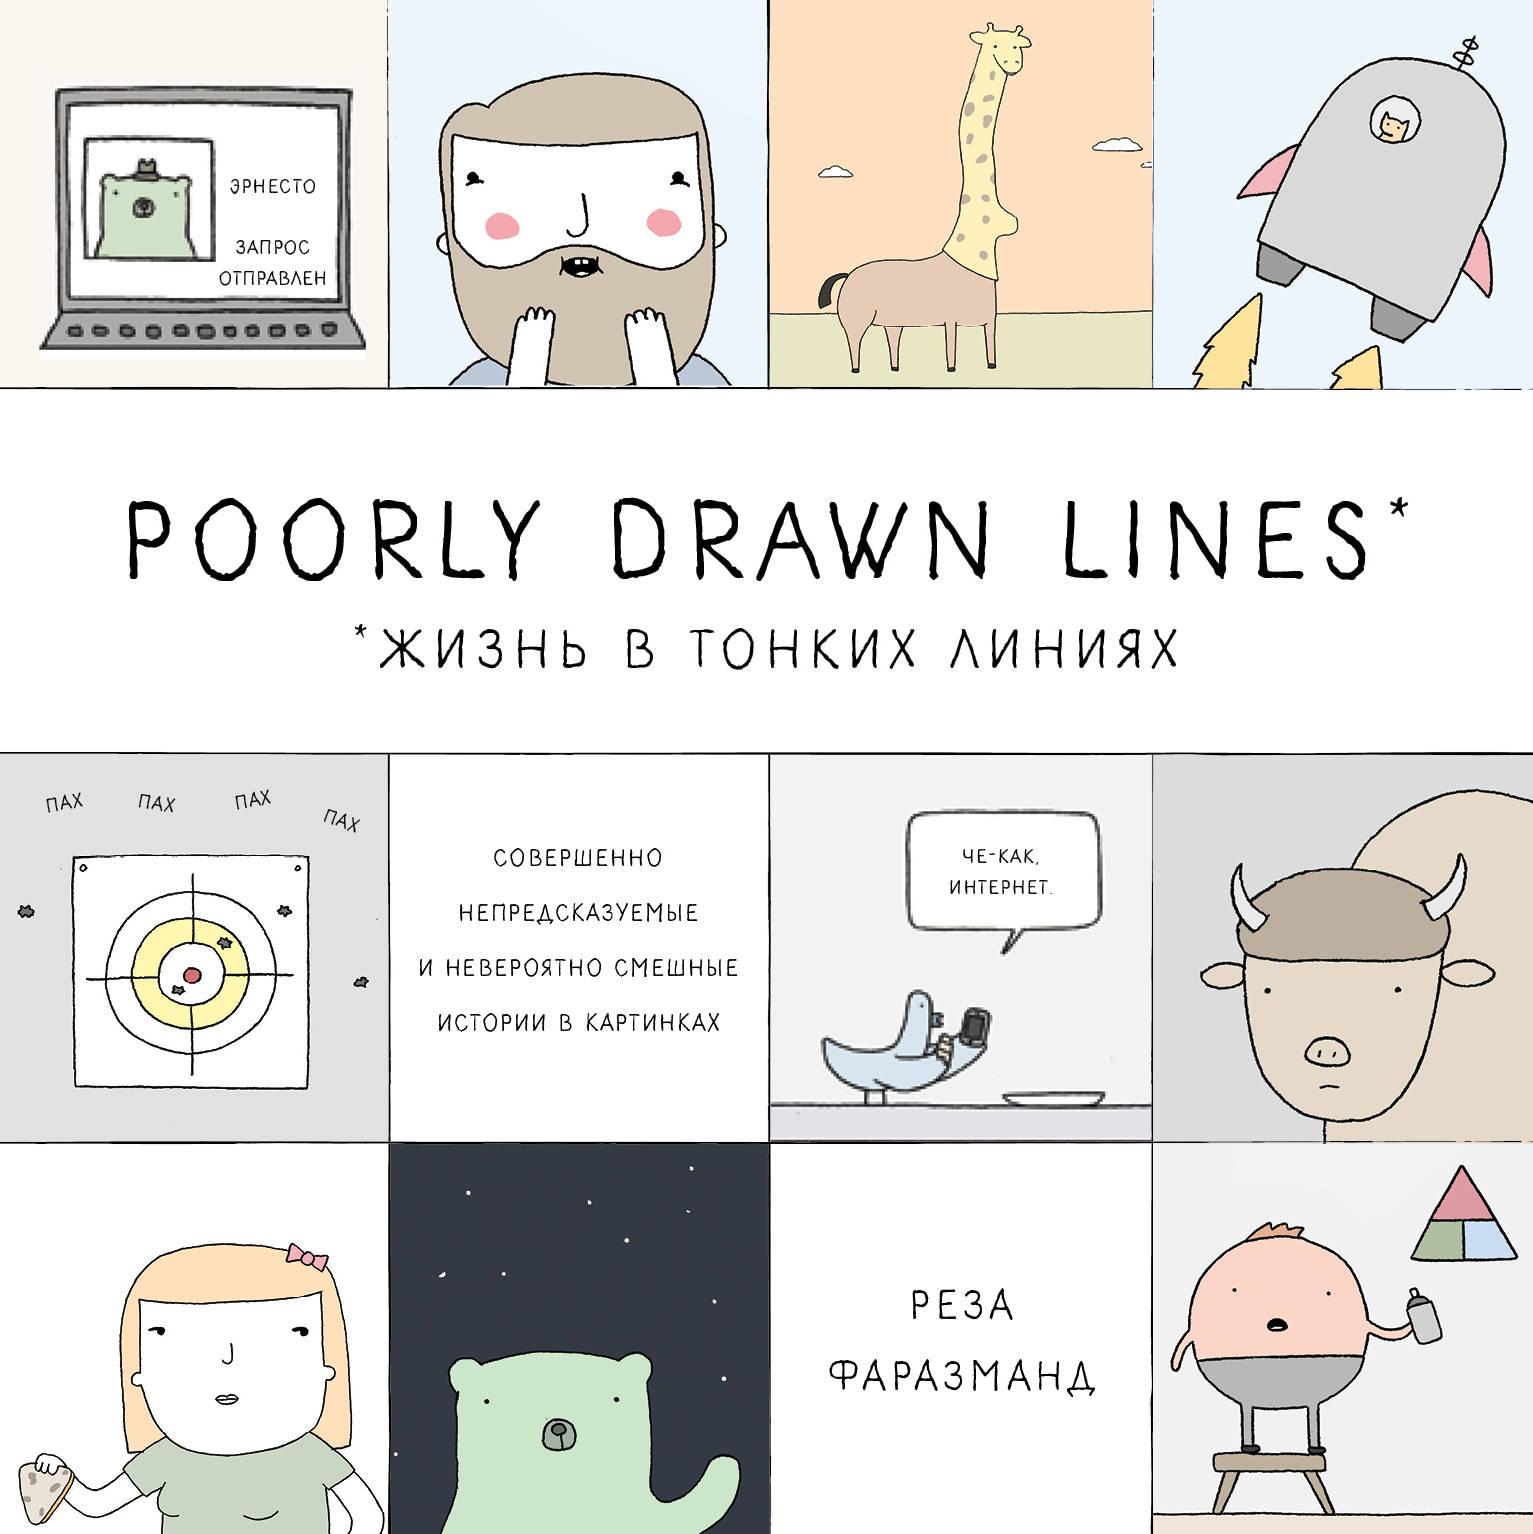 Реза Фаразманд. Poorly Drawn Lines. Совершенно непредсказуемые и невероятно смешные истории в картинках